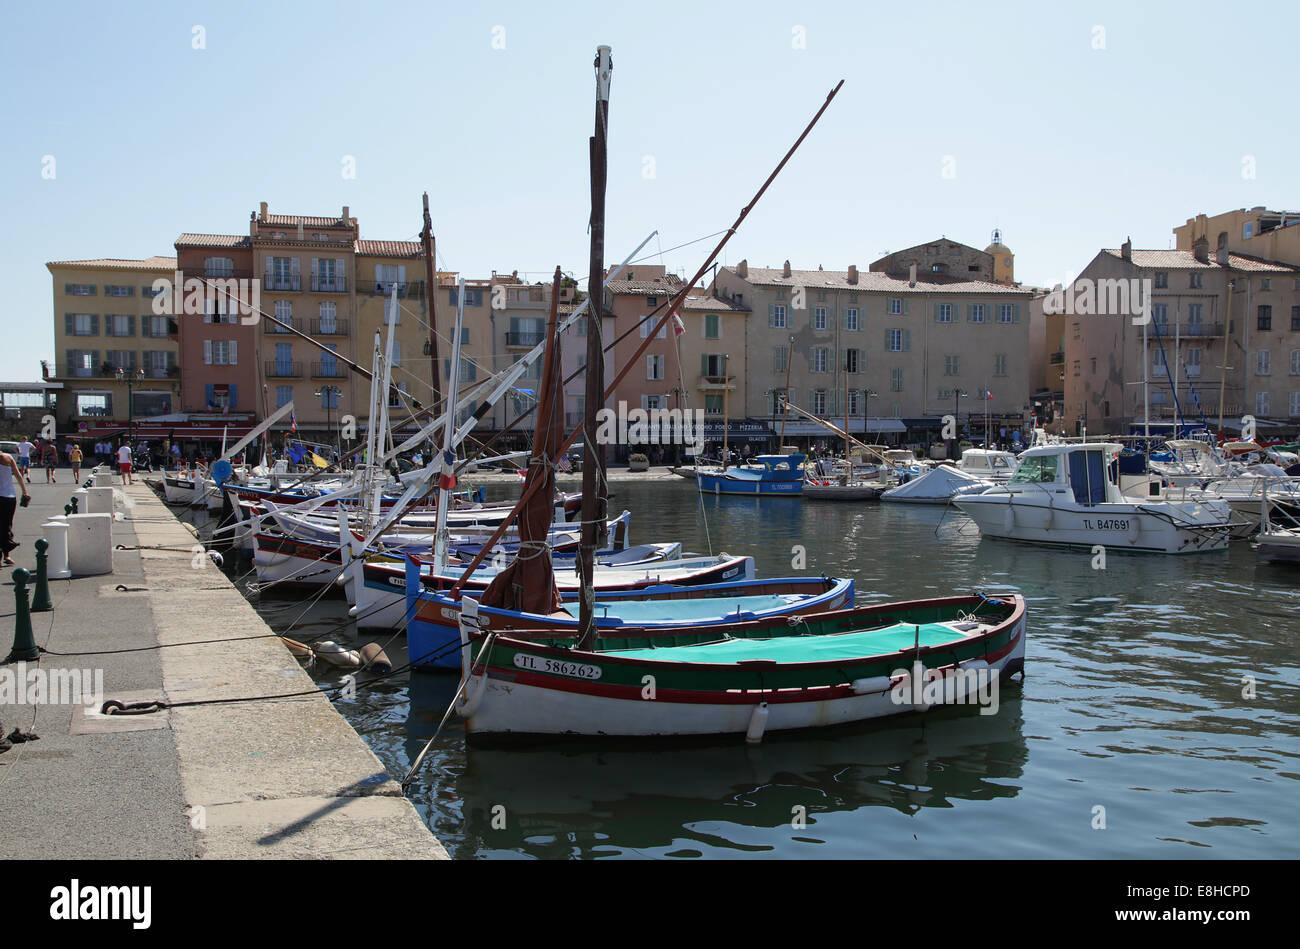 Port of Saint-Tropez.Provençal town in the Var department of the Provence-Alpes-Côte d'Azur region - Stock Image